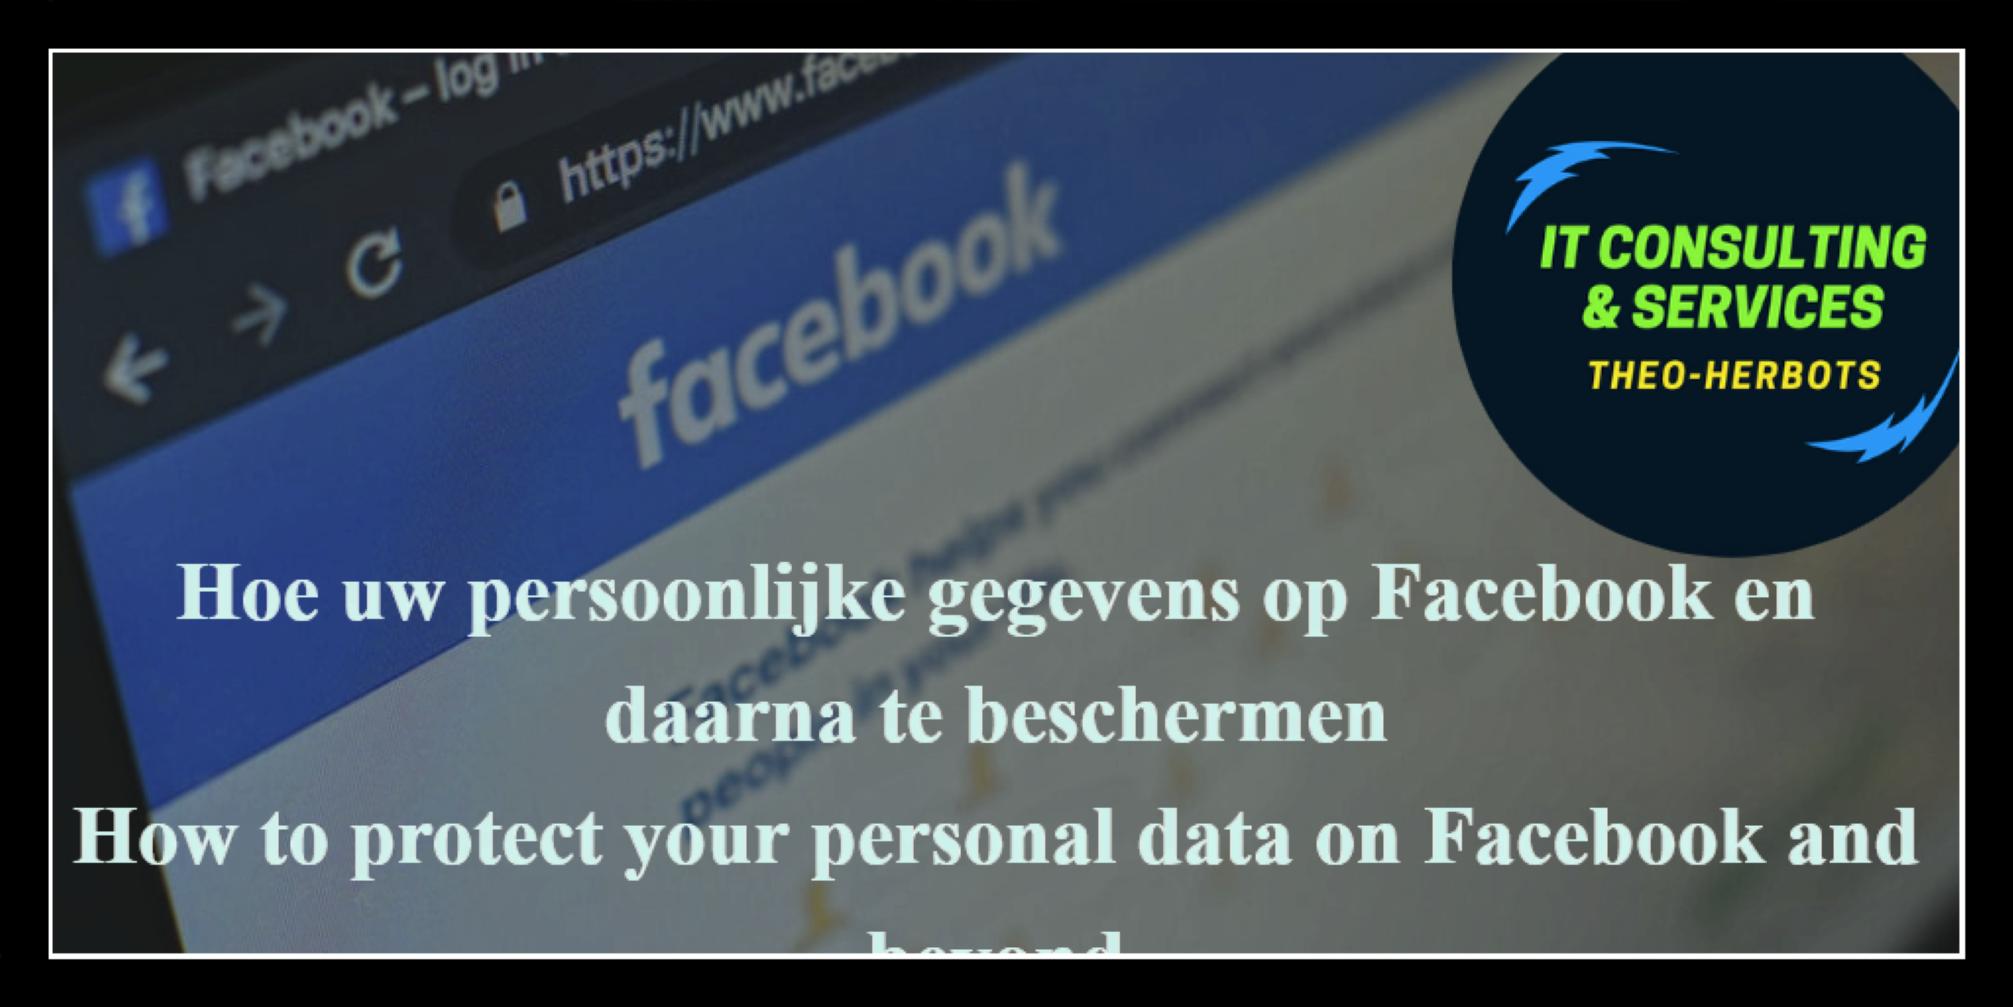 Hoe uw persoonlijke gegevens op Facebook en daarna te beschermen